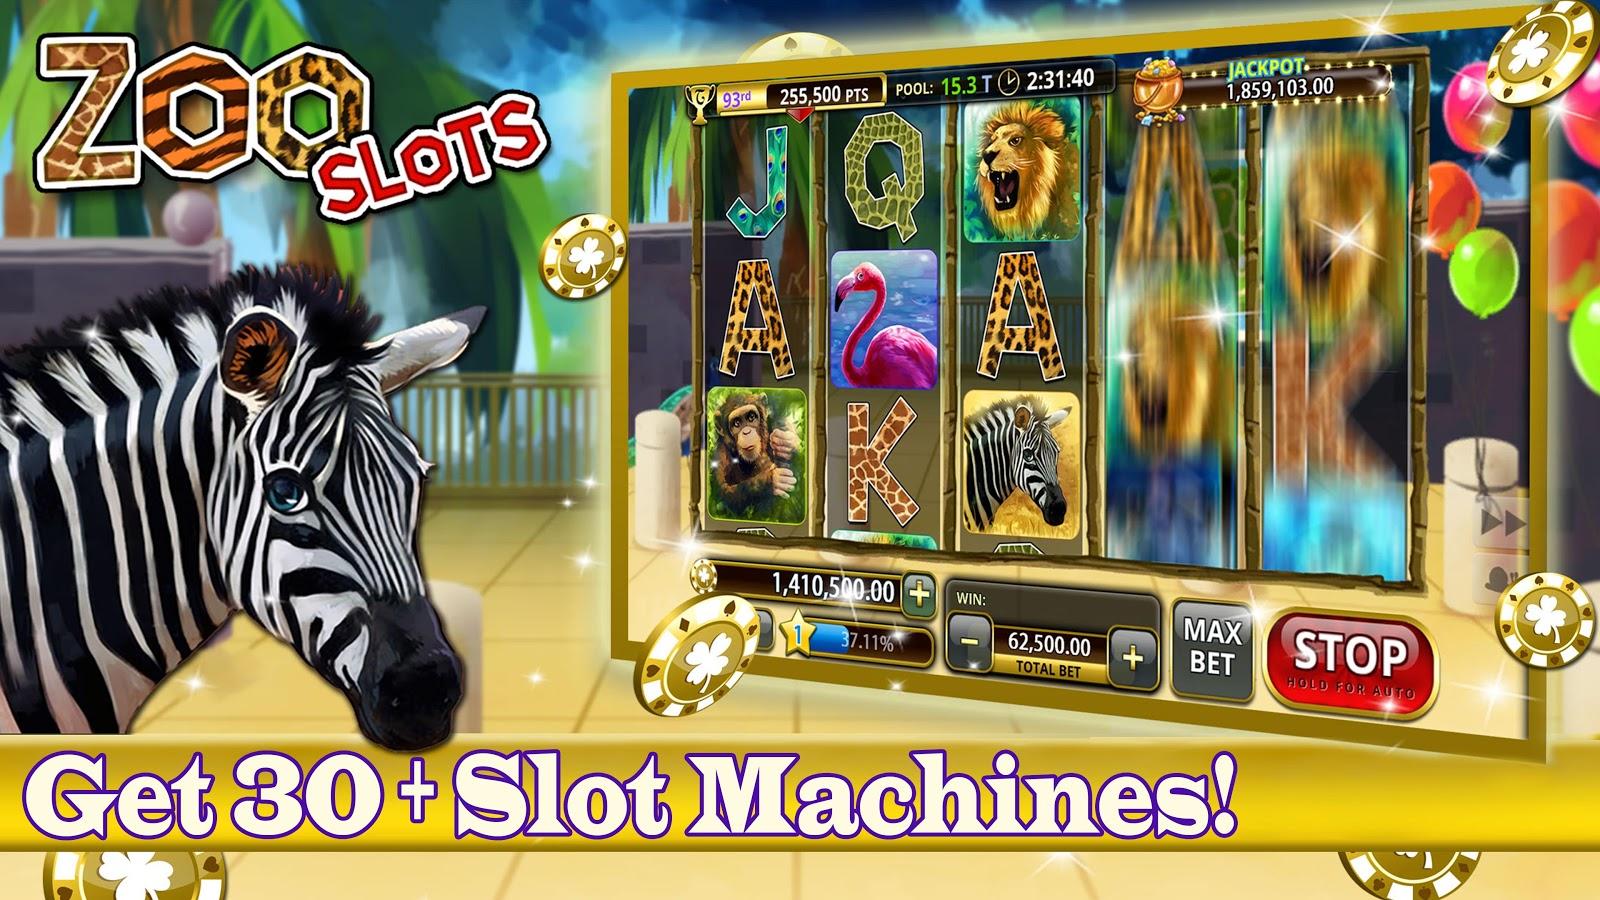 Игровые автоматы для Android - Всё об азарте